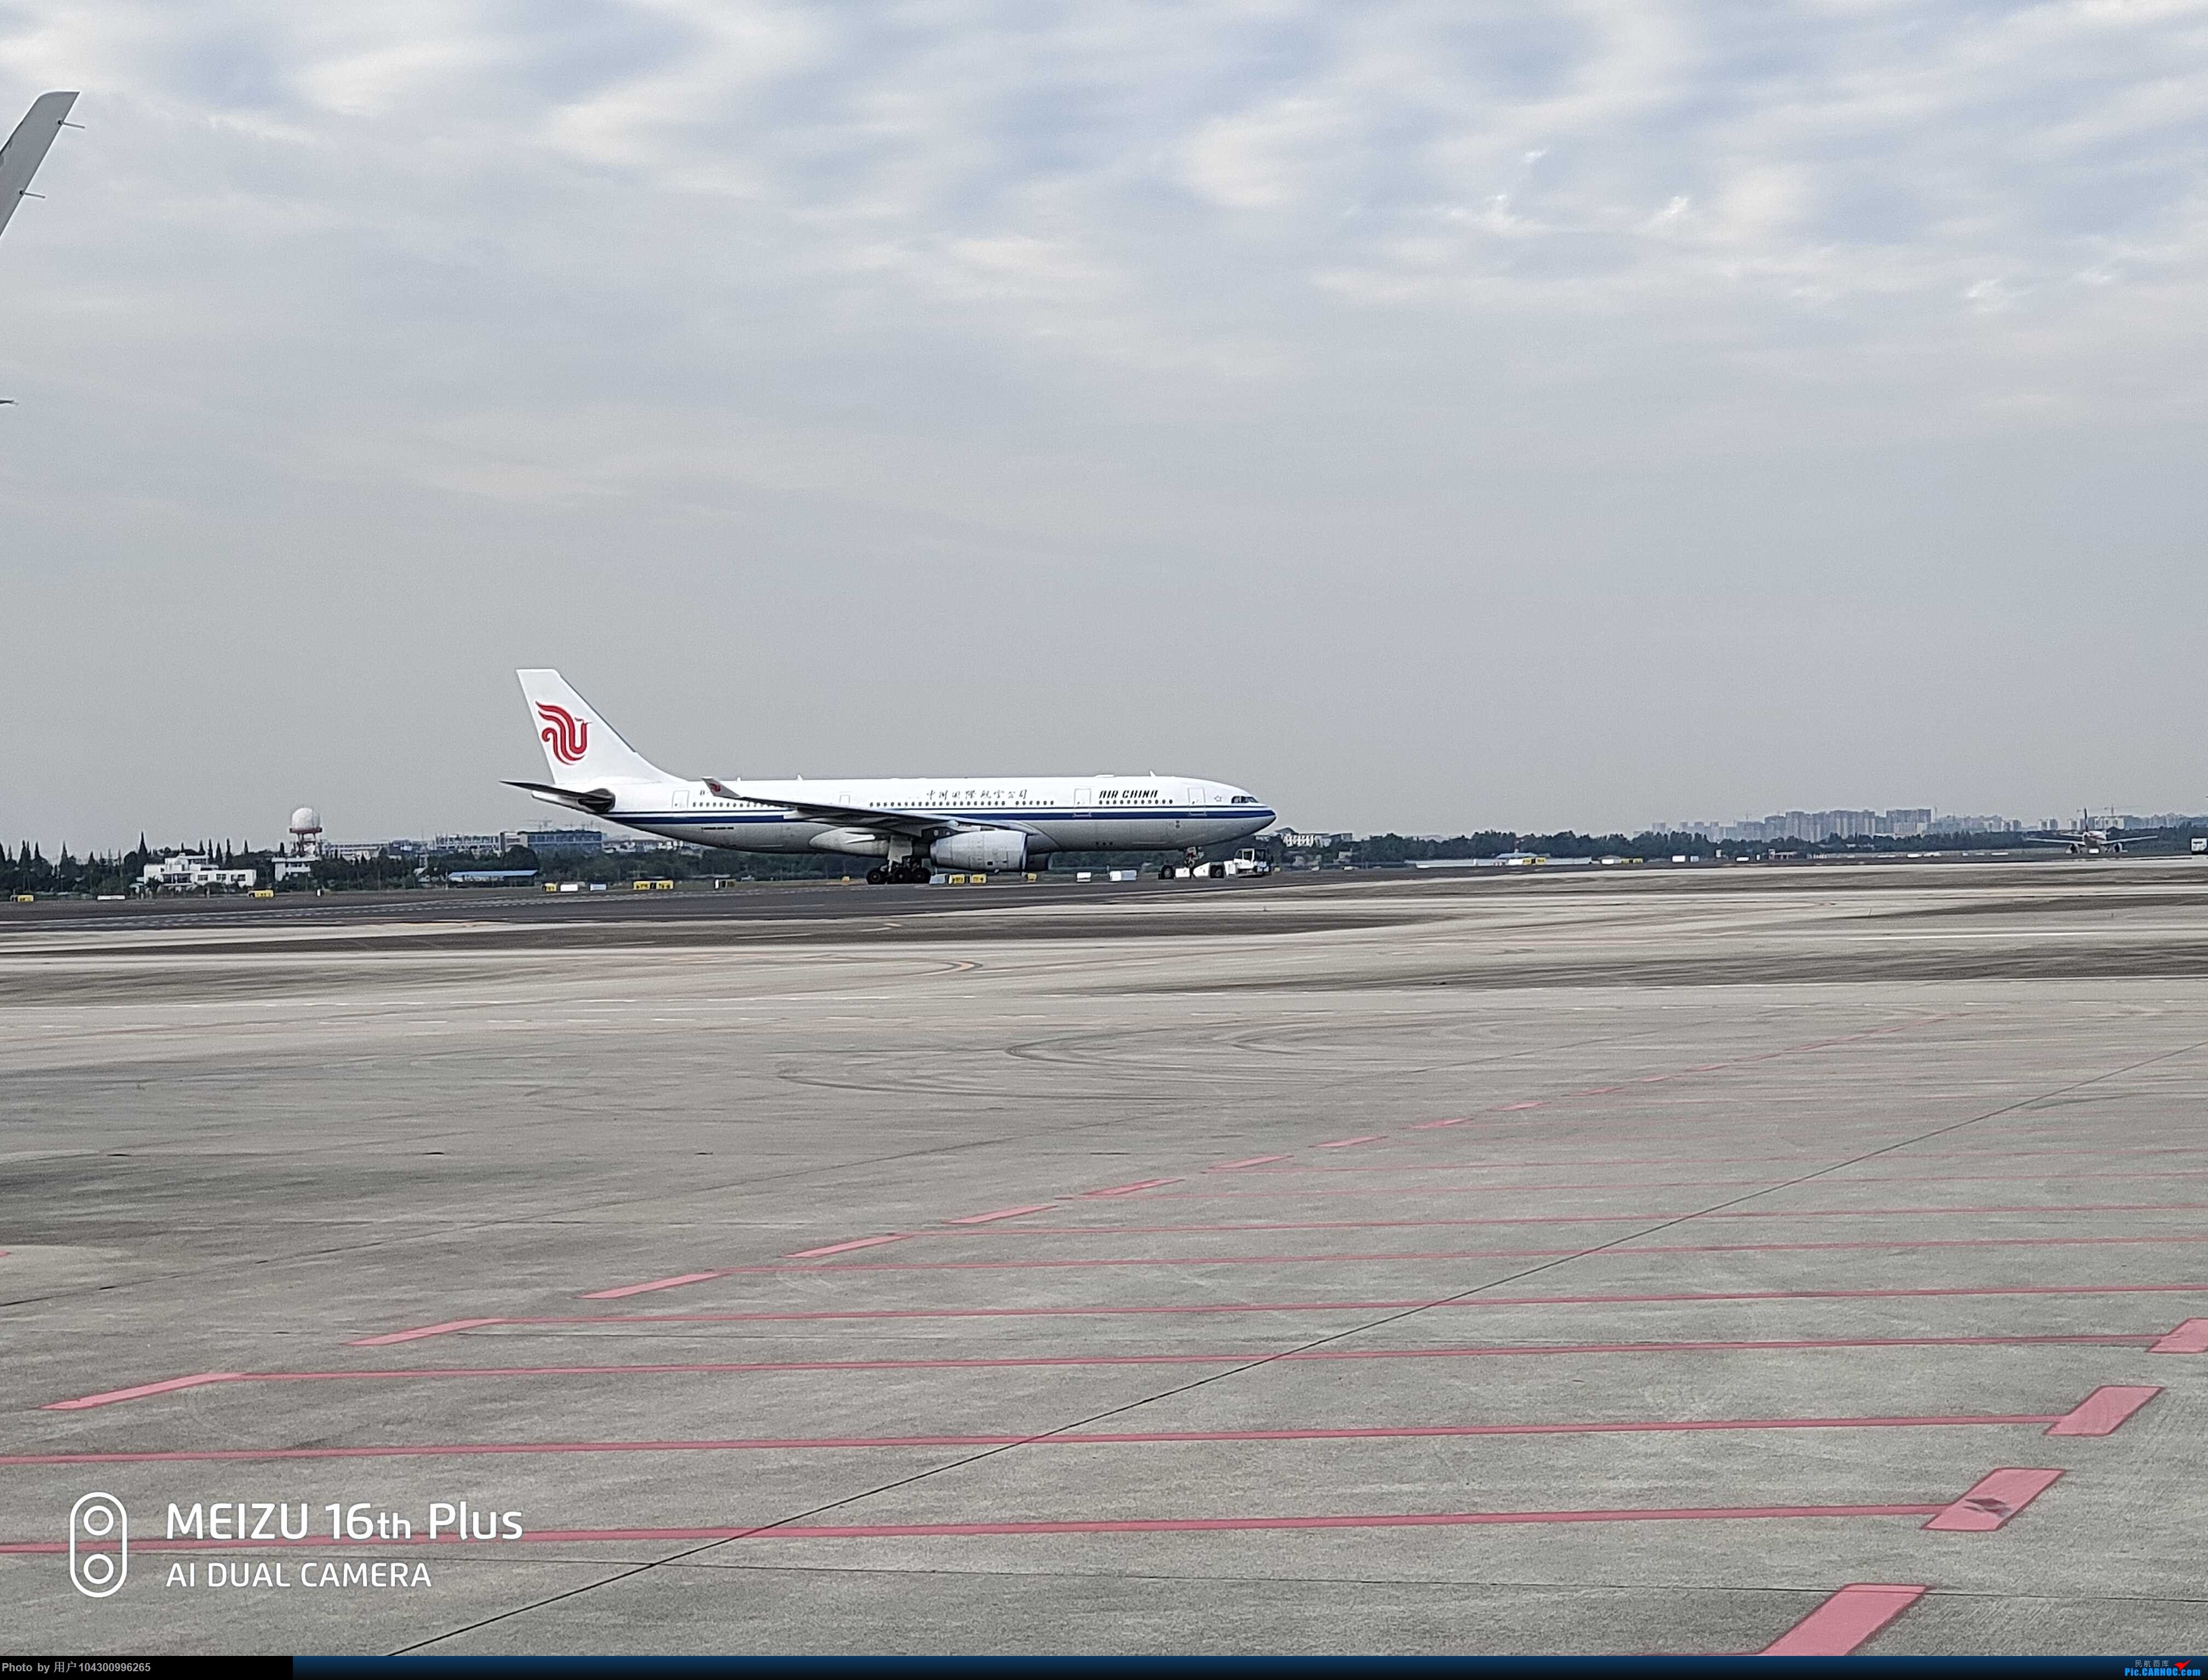 Re:DM游记之GY成都-贵阳    中国成都双流国际机场